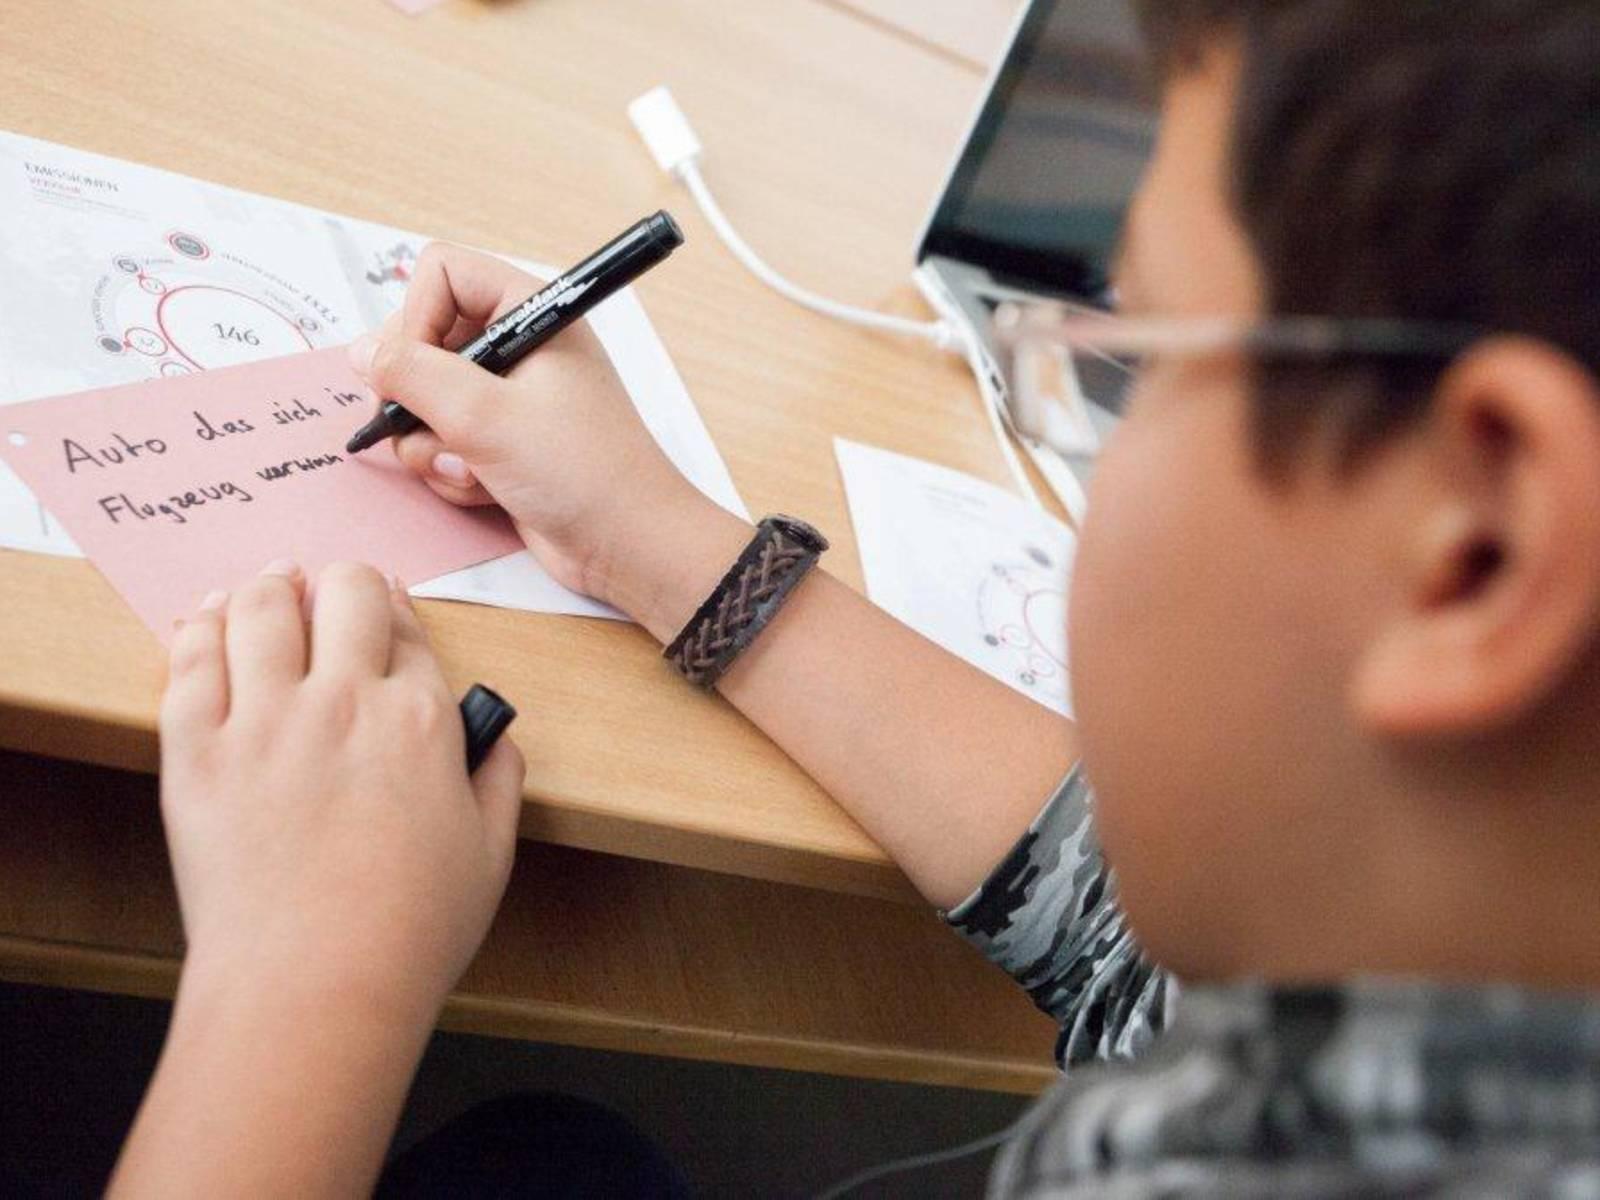 Eine Junge schreibt etwas auf ein Stück Papier.